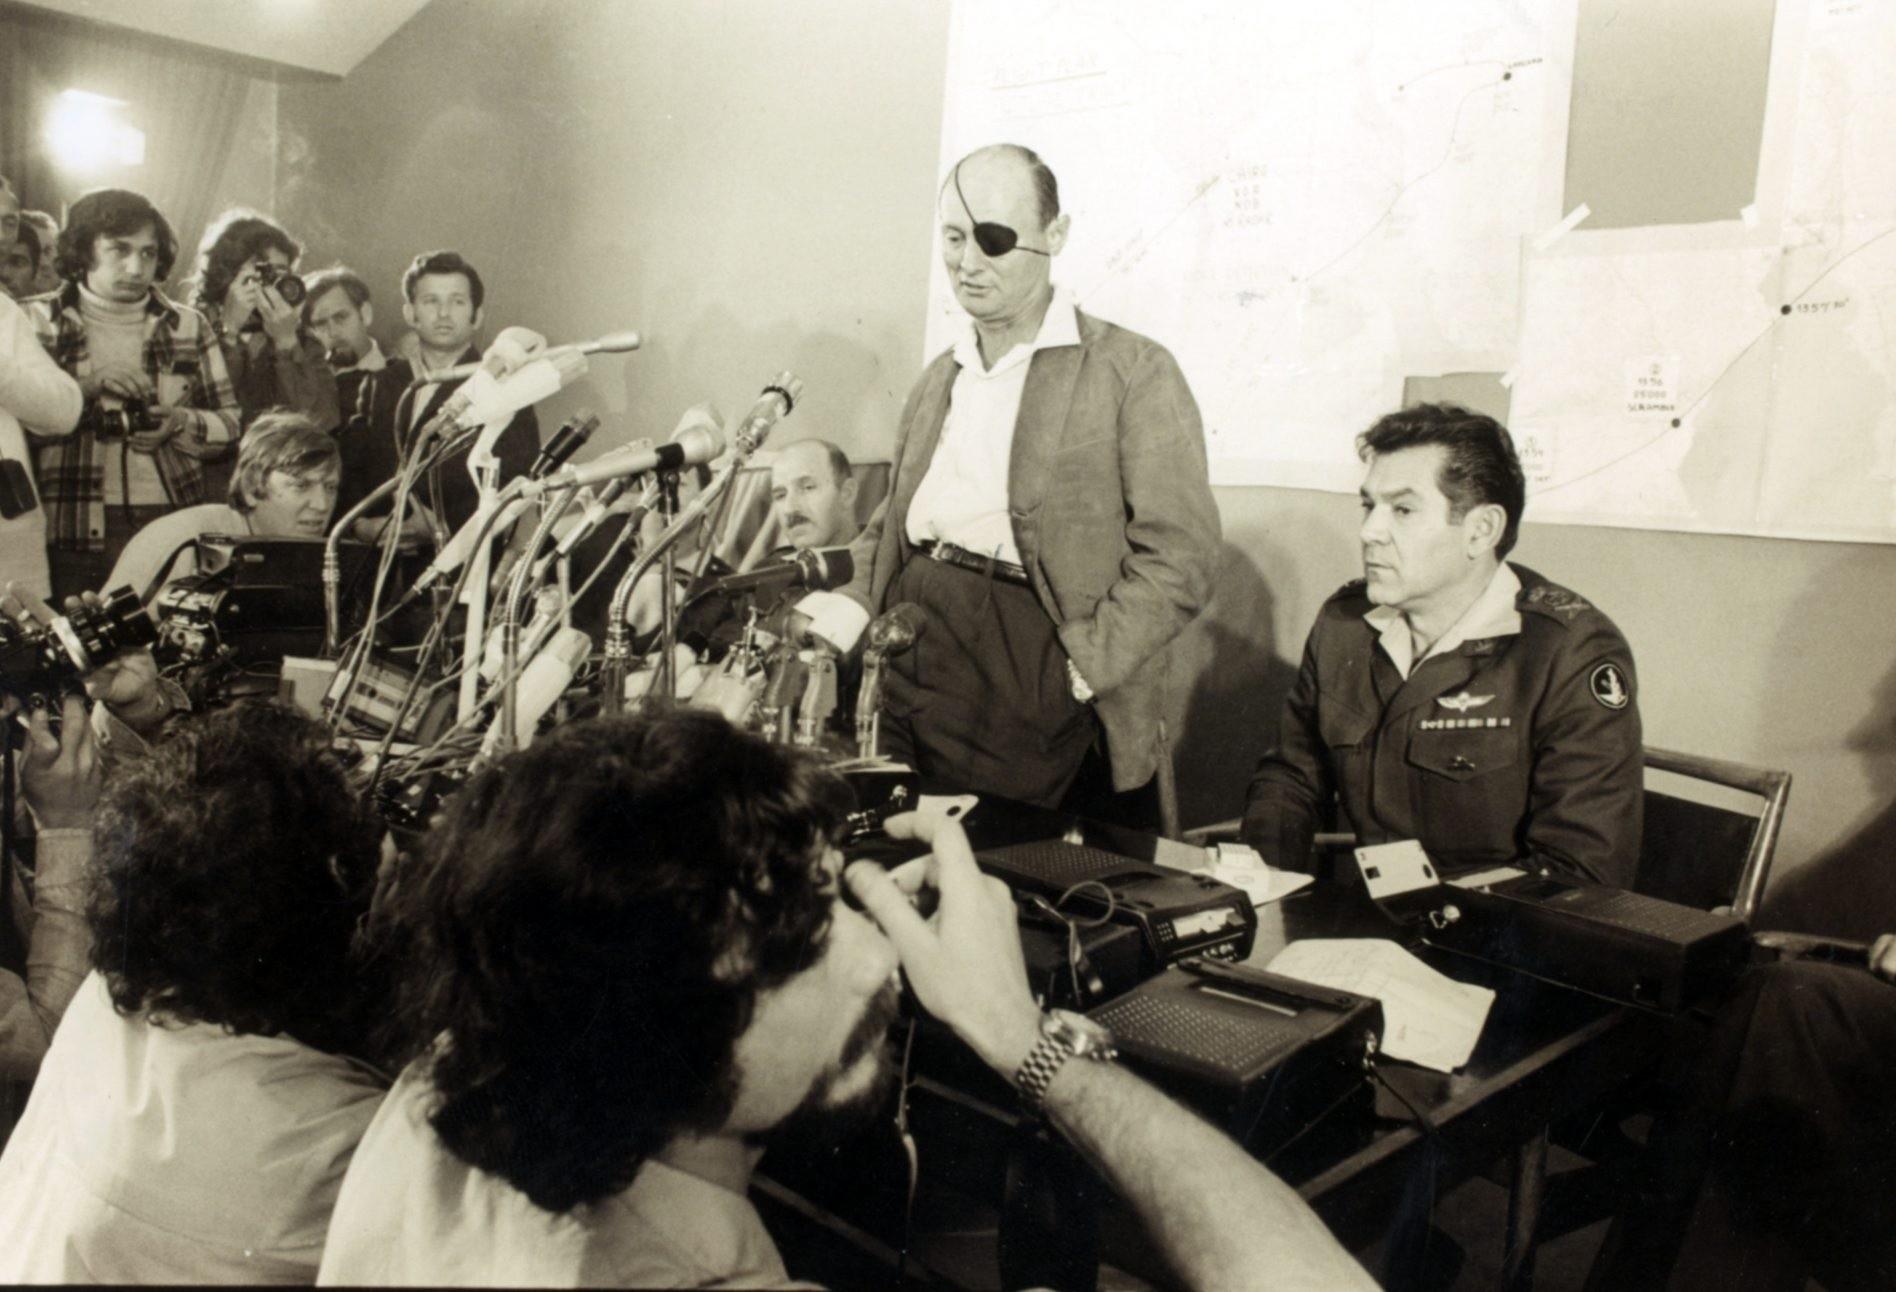 משה דיין ודוד אלעזר, מלחמת יום כיפור 1973. צילום: ארכיון